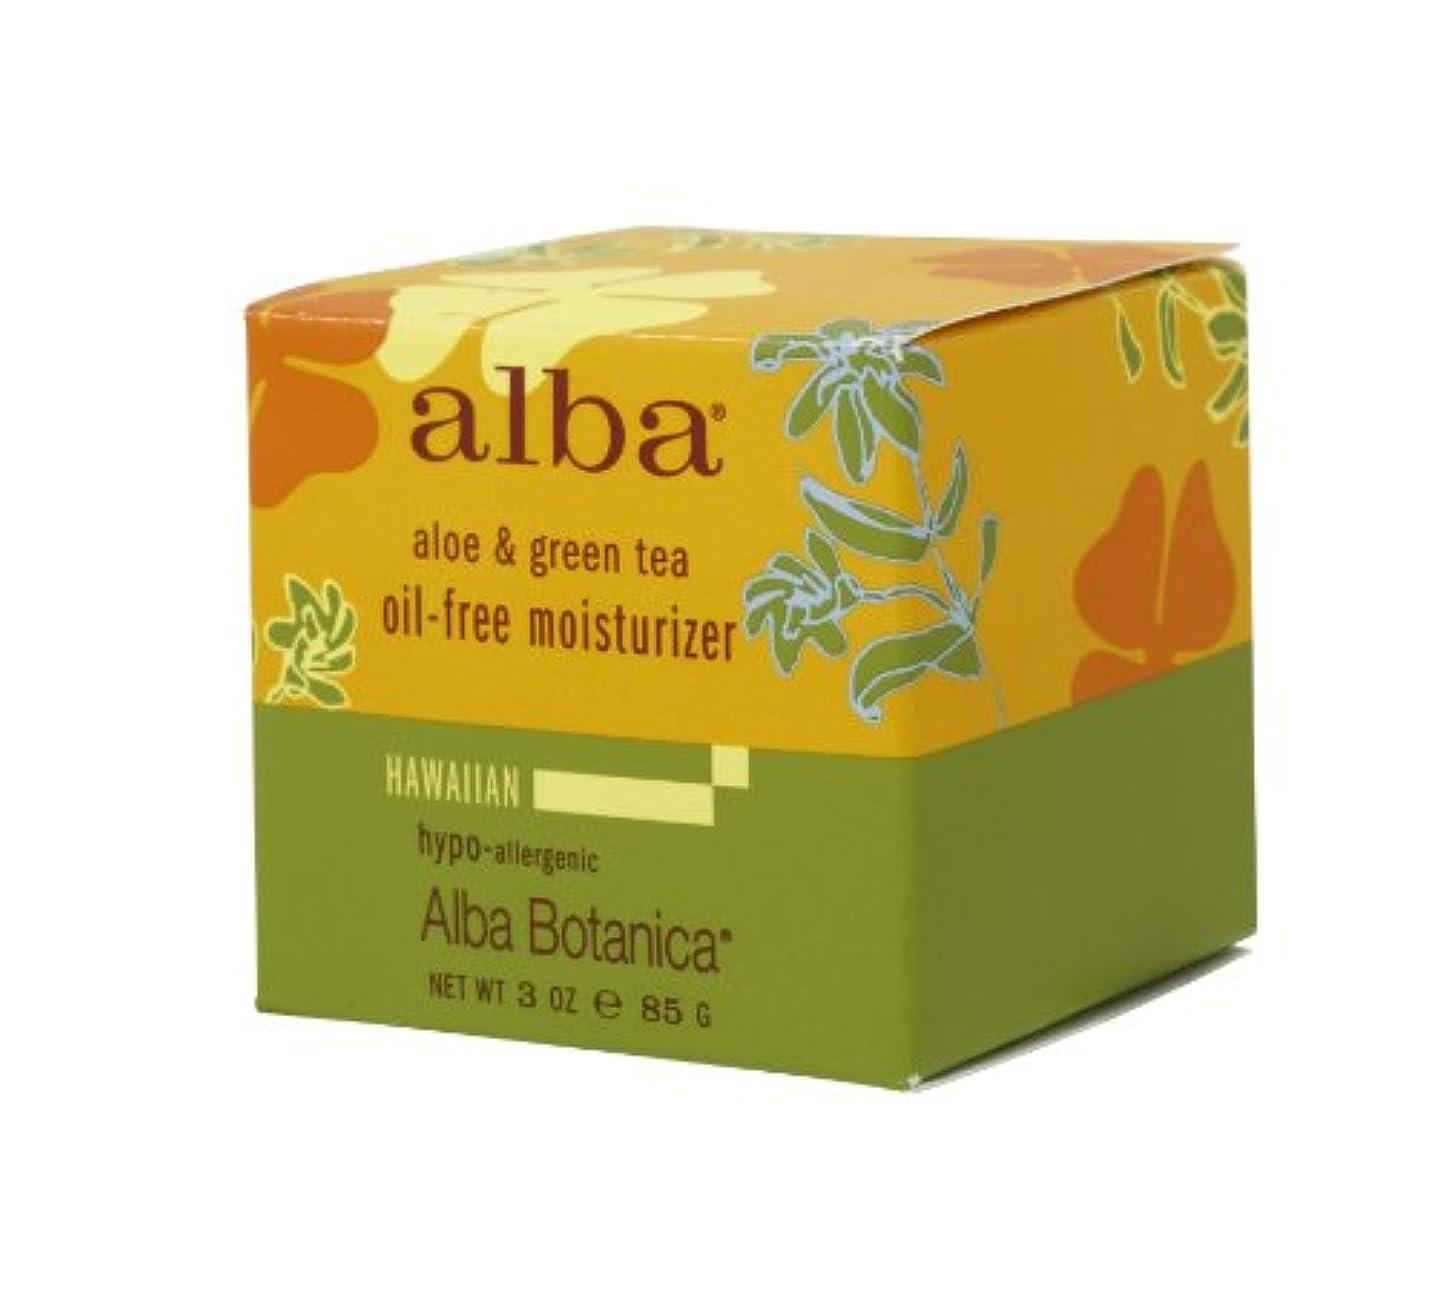 スカリー祝福商品alba BOTANICA アルバボタニカ ハワイアン オイルフリーモイスチャークリームAG アロエ&グリンティー